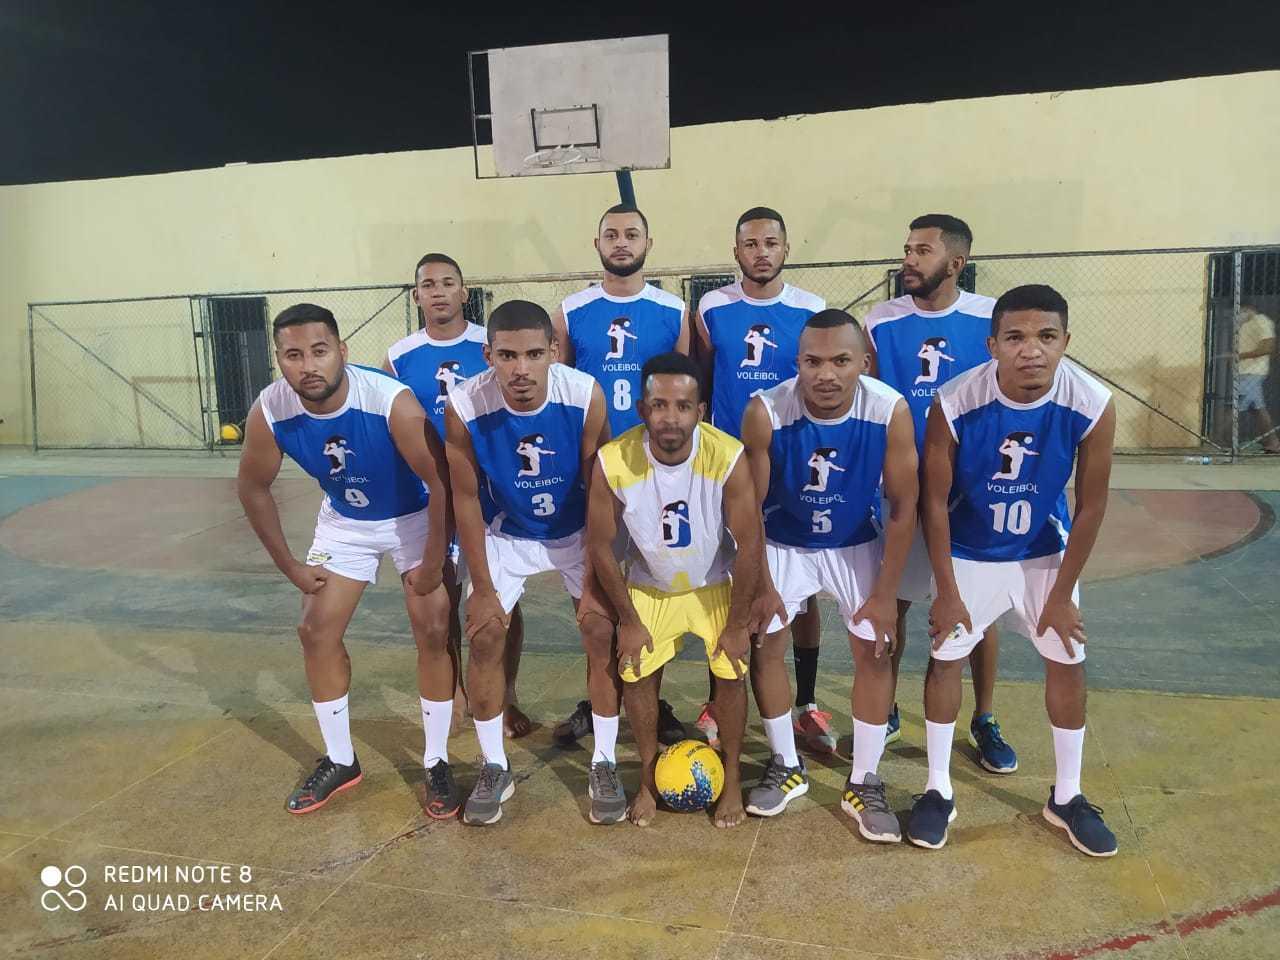 Equipe de vôlei de Ipiranga-PI